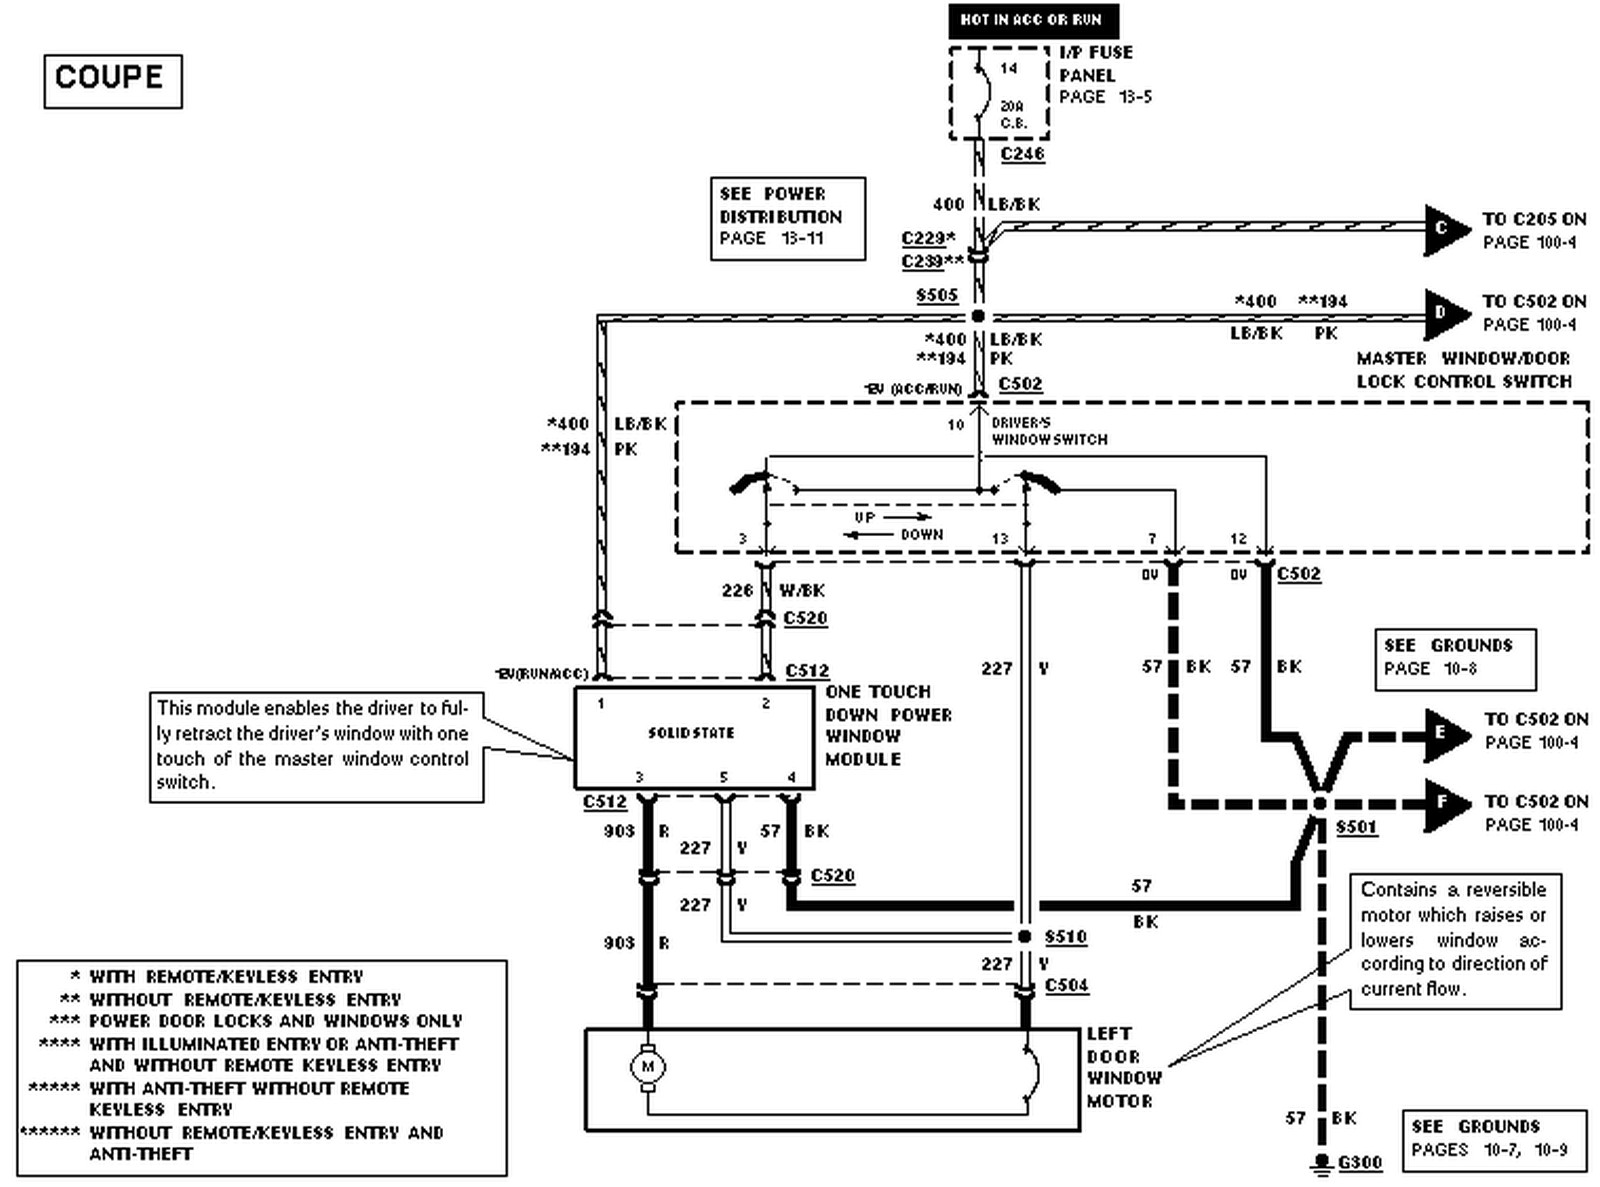 do_1544] mustang wiring diagram ford mustang eec iv pinout 2002 ... 1996 ford mustang gt wiring diagram  ally lukep umng mohammedshrine librar wiring 101